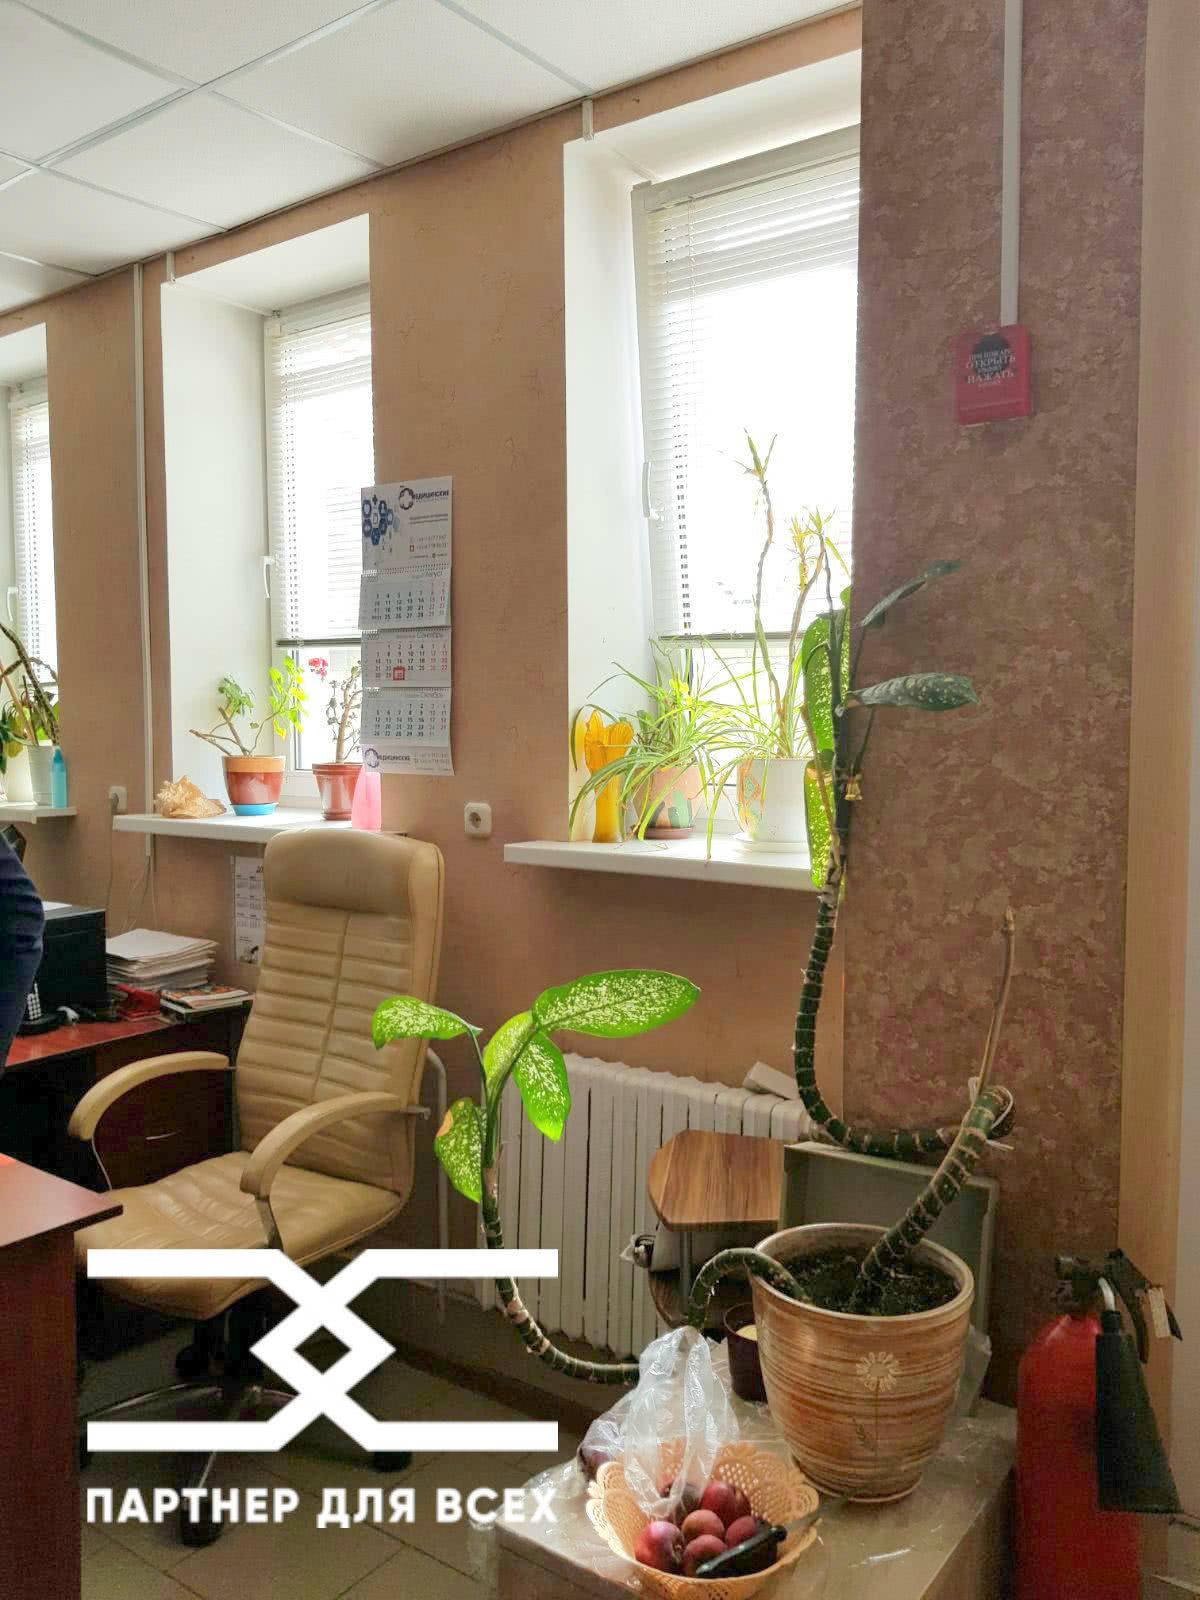 Продажа офиса на ул. Пономаренко, д. 35/А в Минске - фото 1